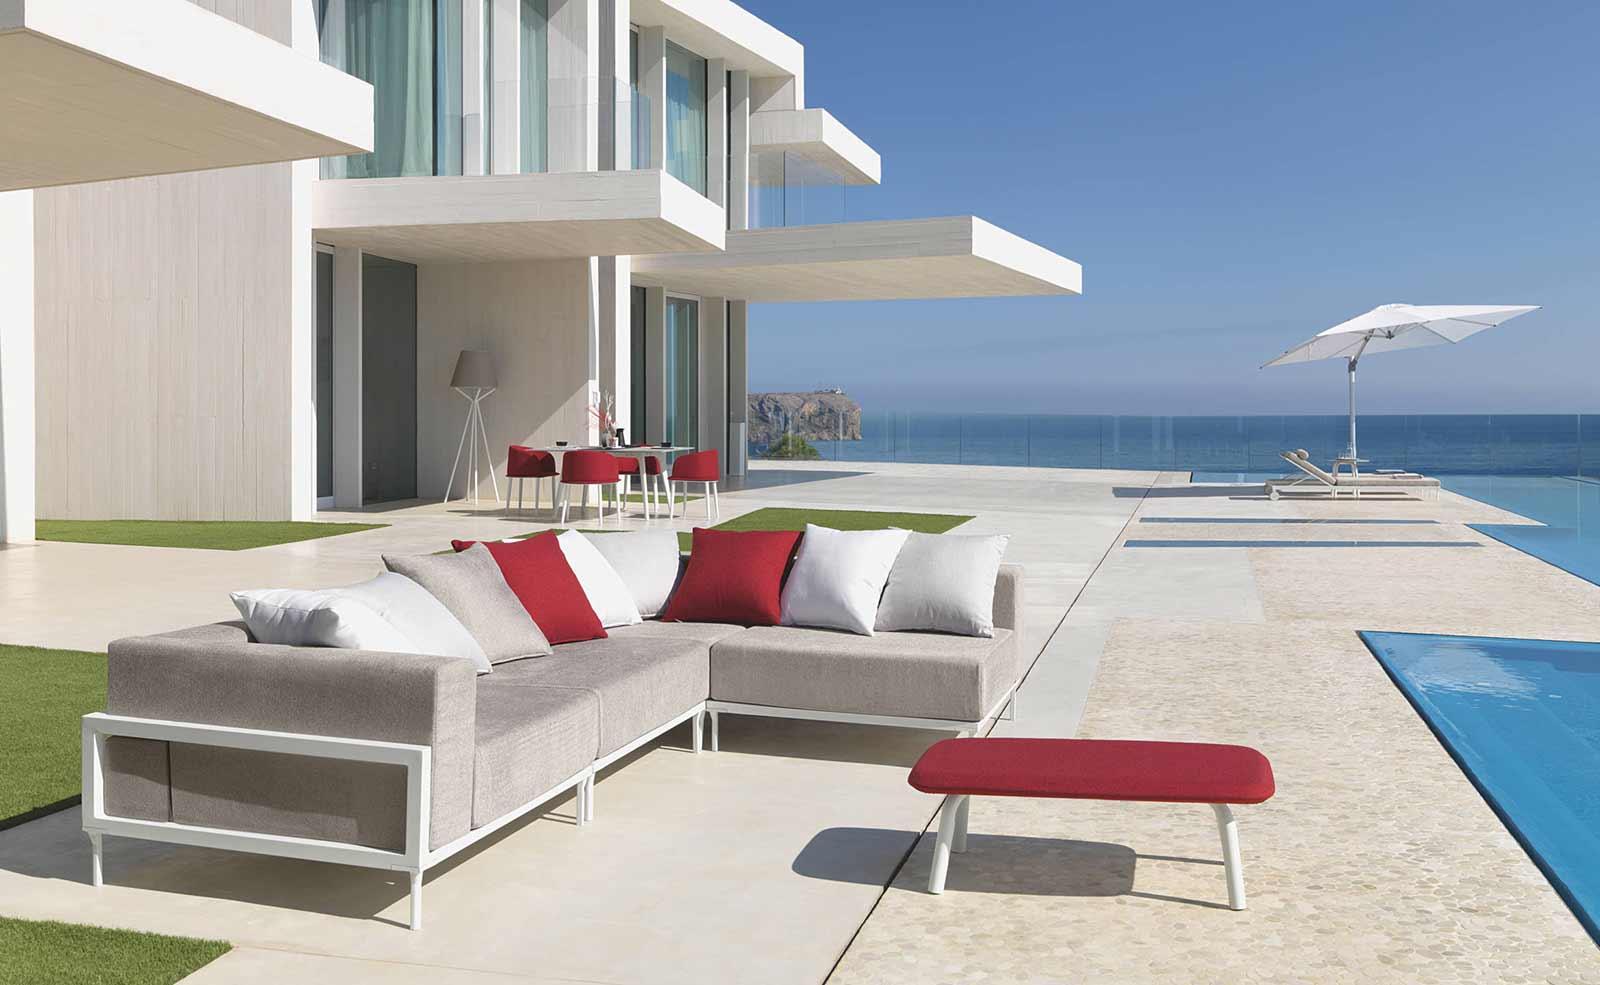 Clariss poltrona a pozzetto in alluminio italy dream design for Arredo esterno design